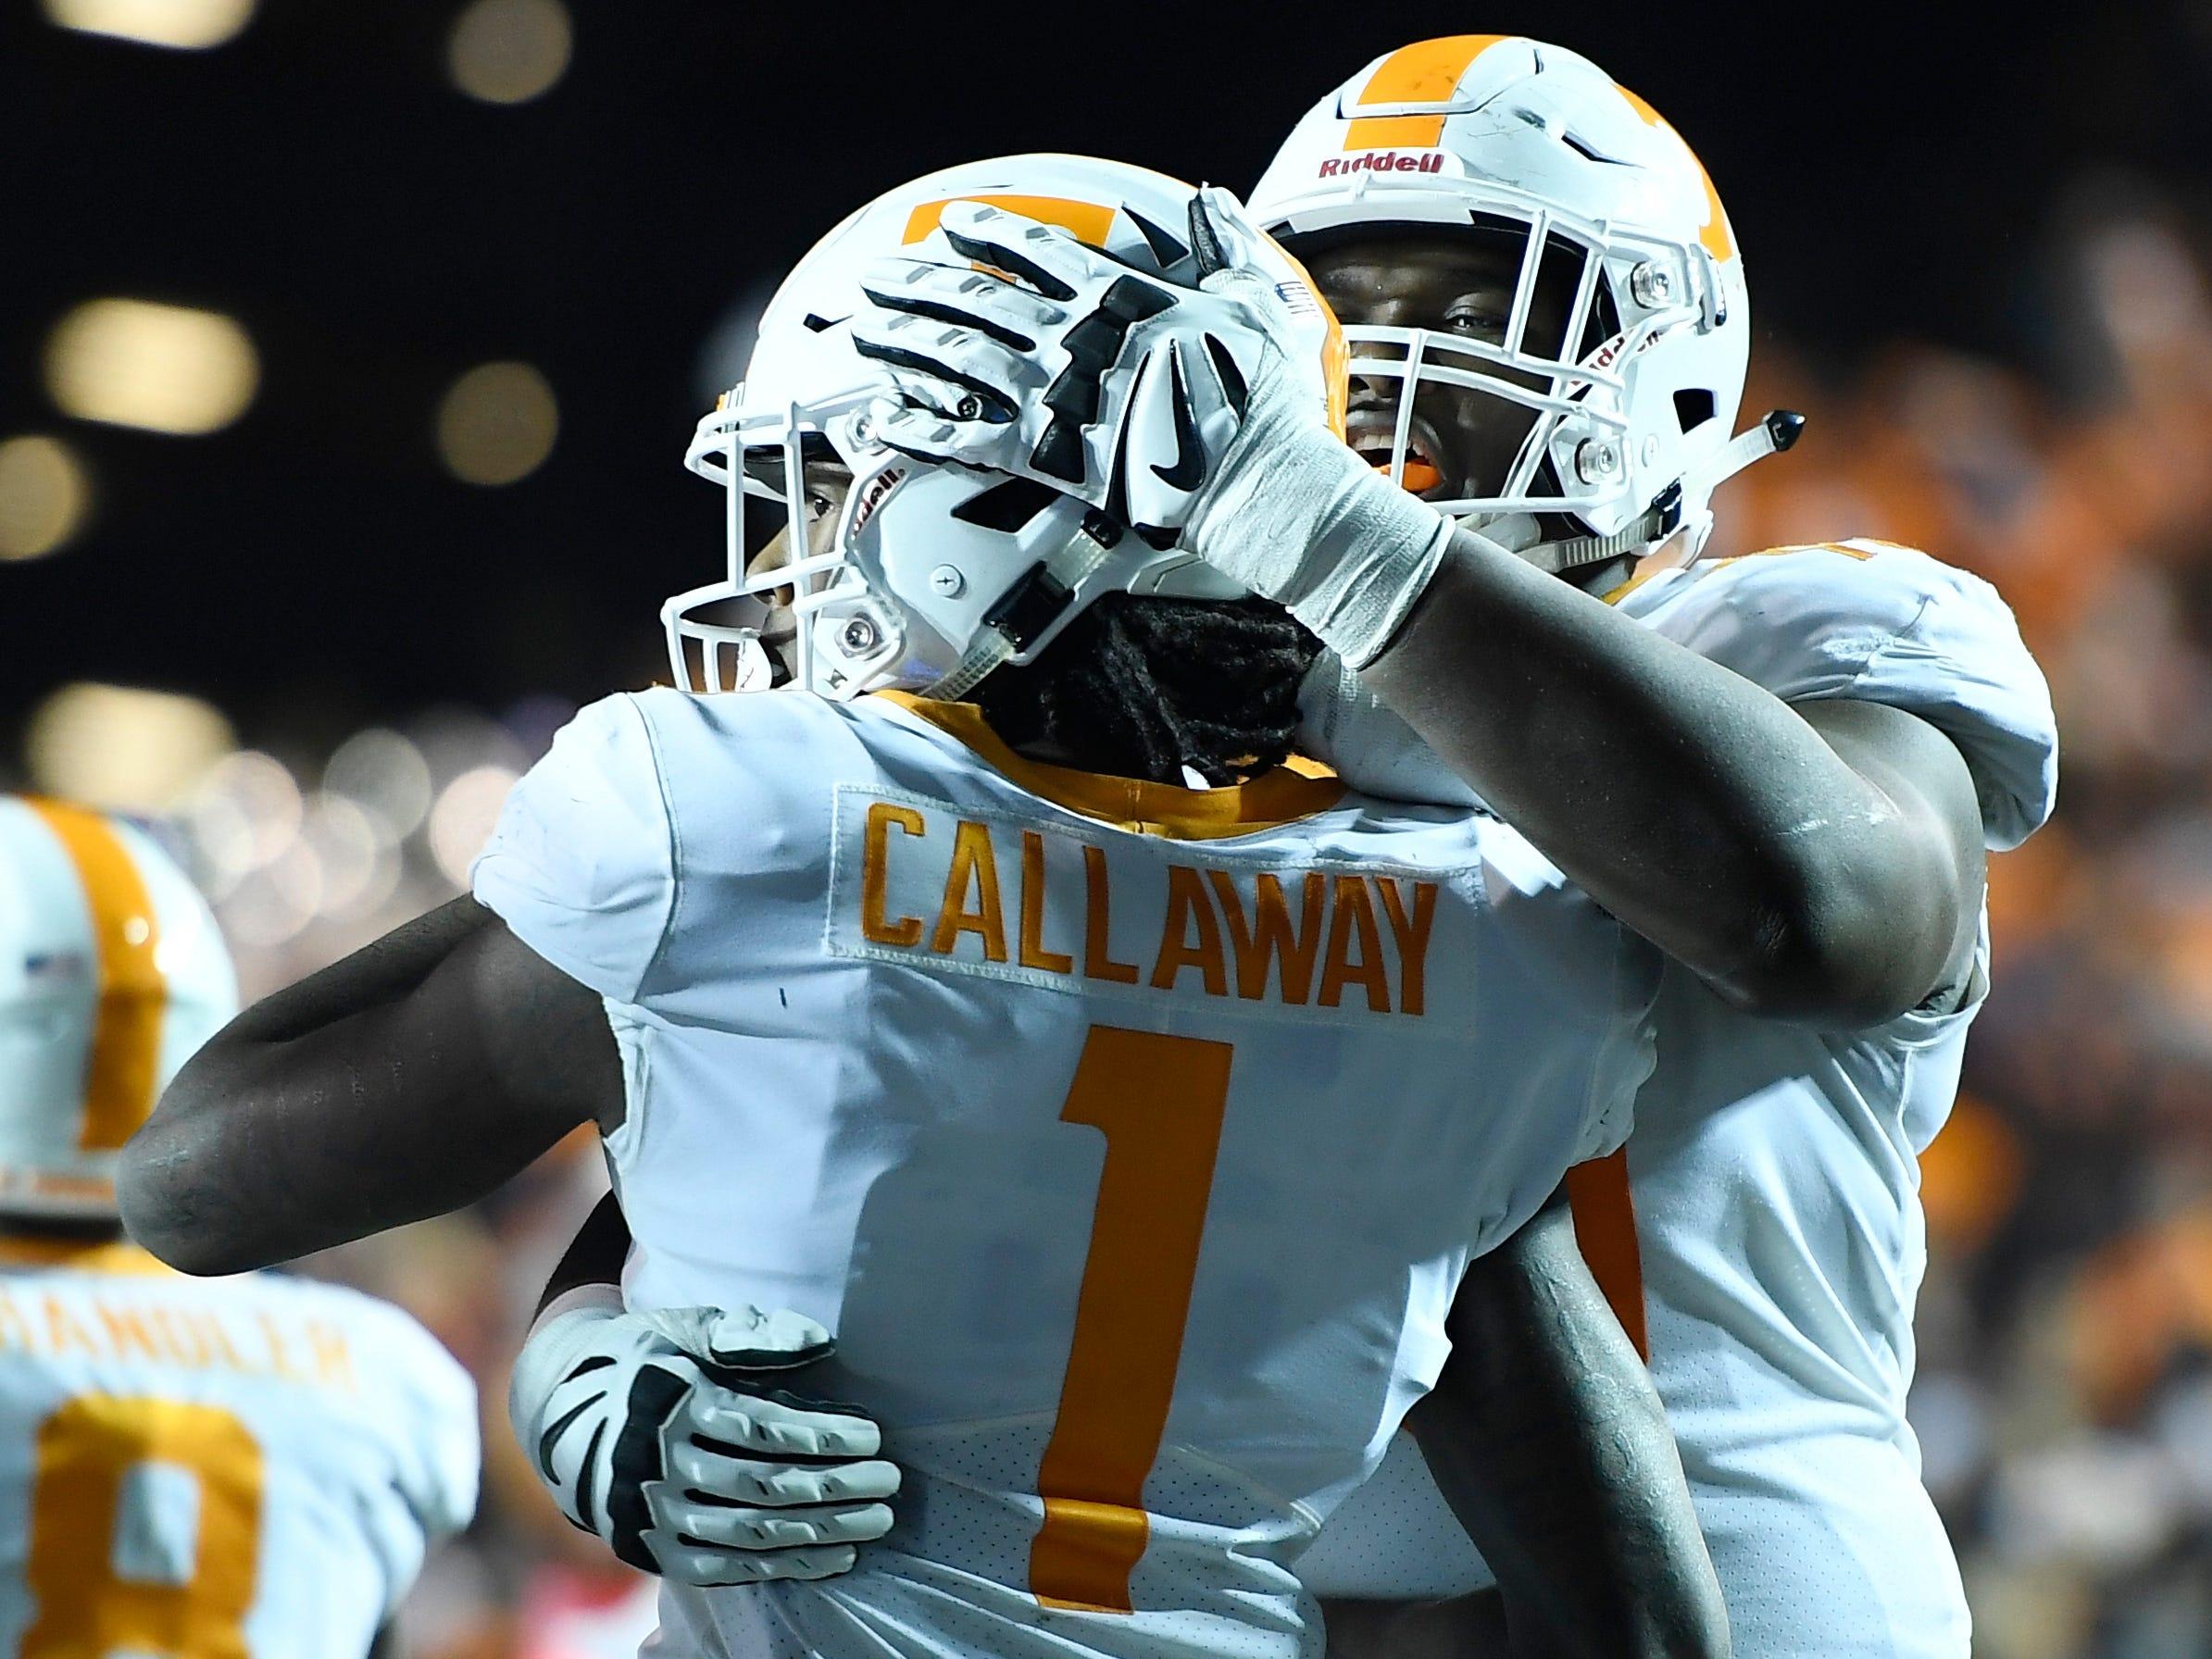 Tennessee wide receiver Marquez Callaway (1) celebrates his touchdown in the second half at Vanderbilt Stadium Saturday, Nov. 24, 2018, in Nashville, Tenn.